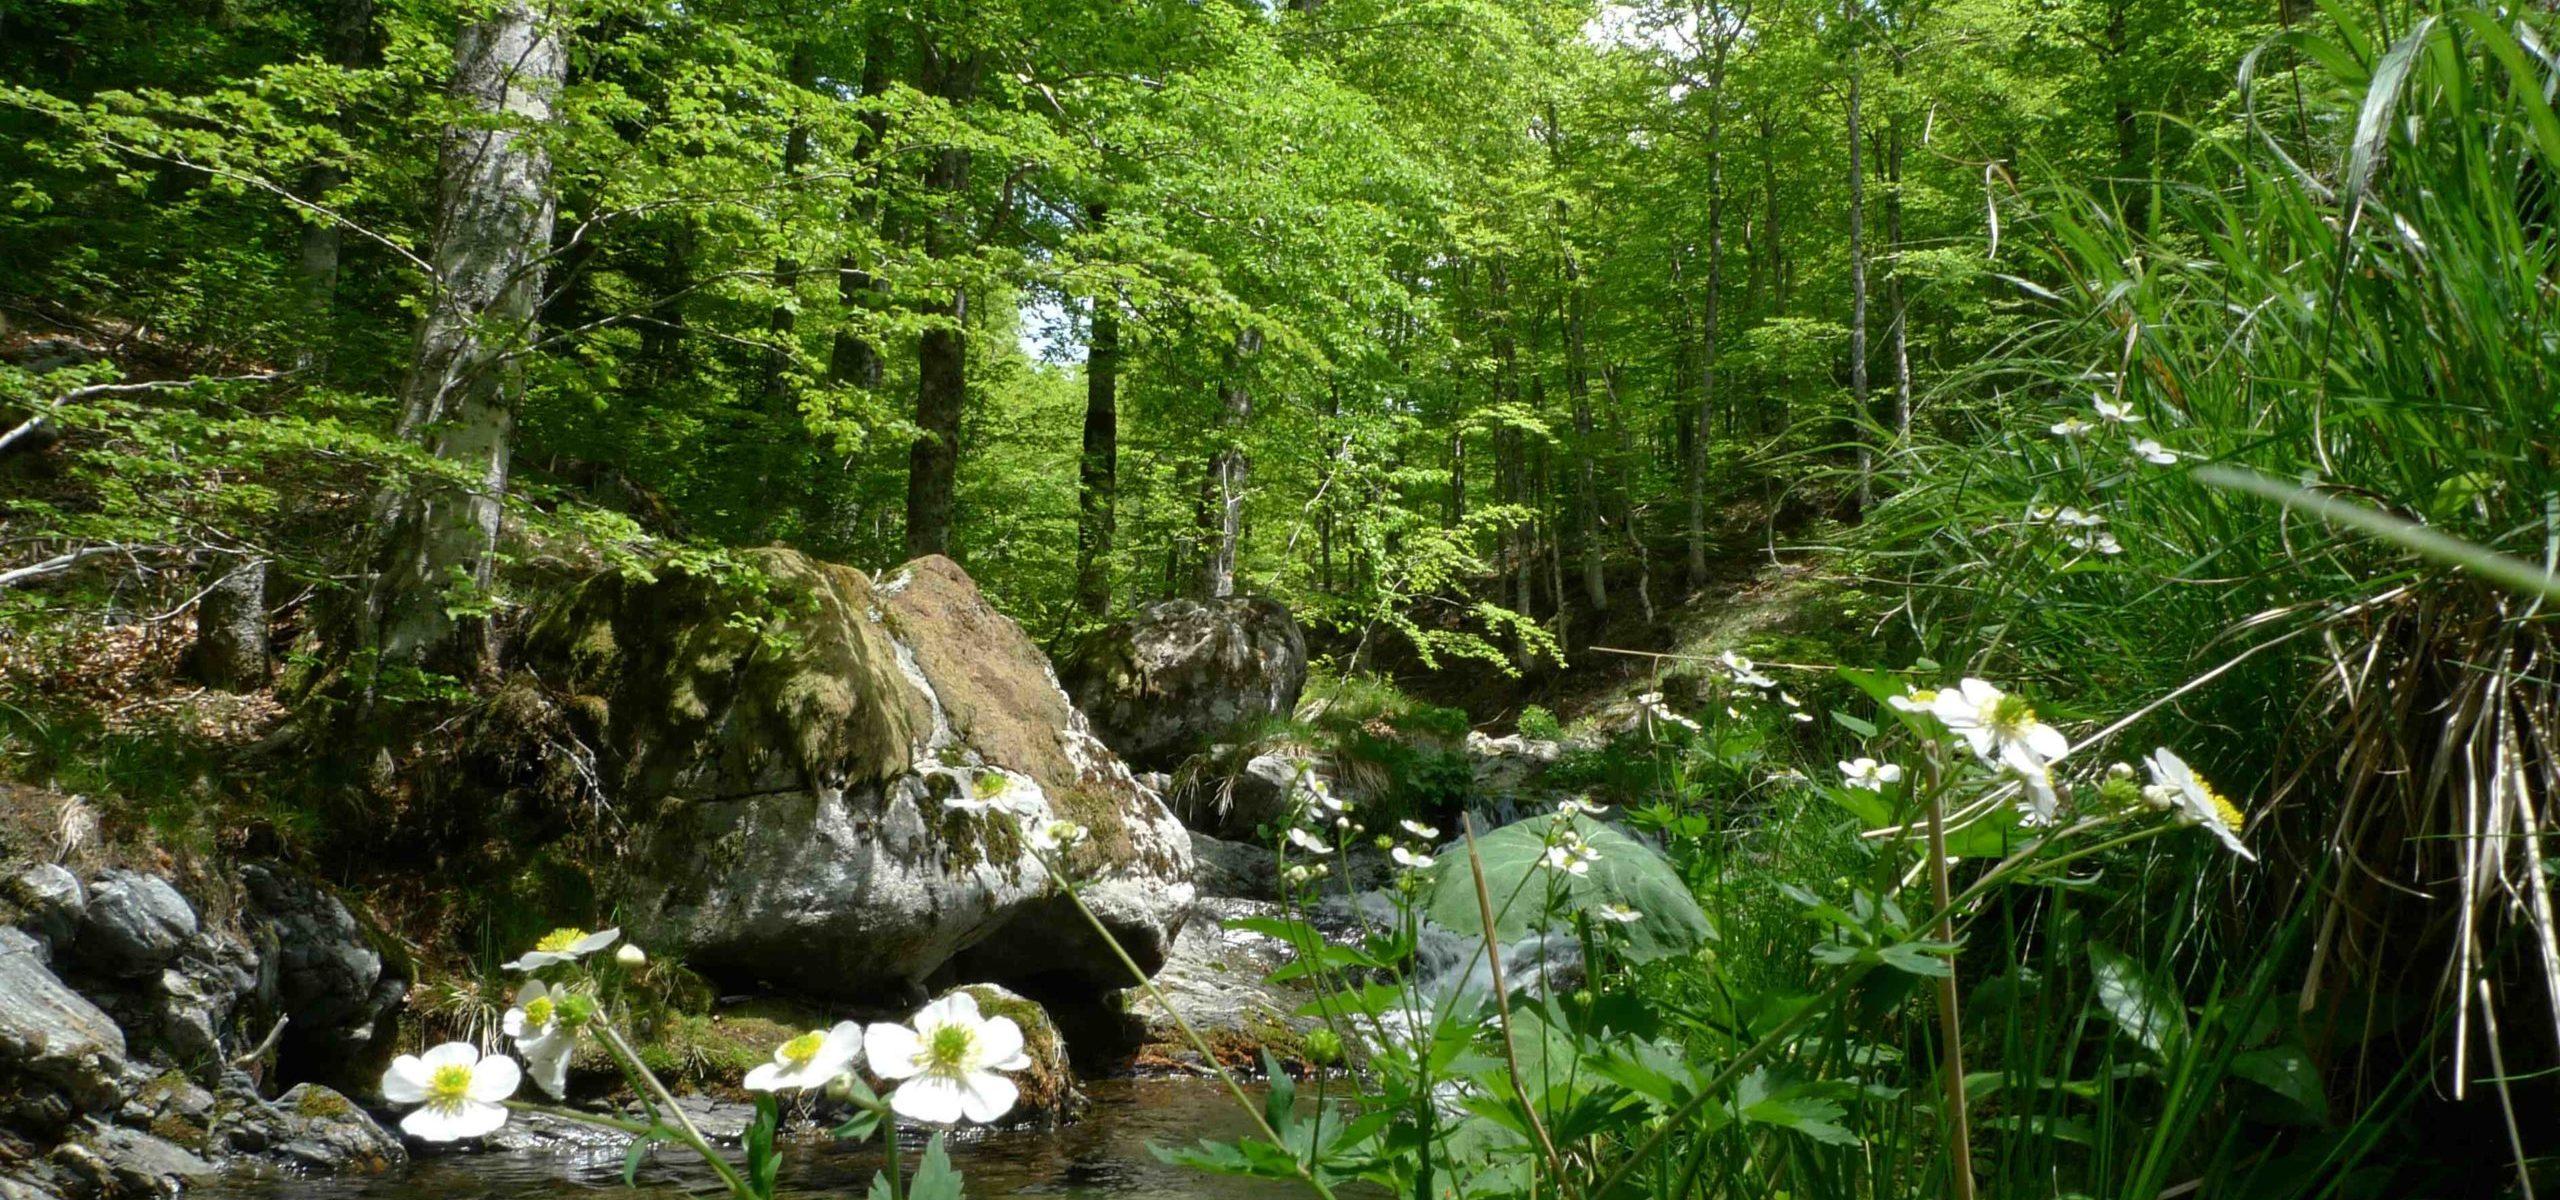 Energiequelle für Naturliebhaber, Familien und Aktivurlauber